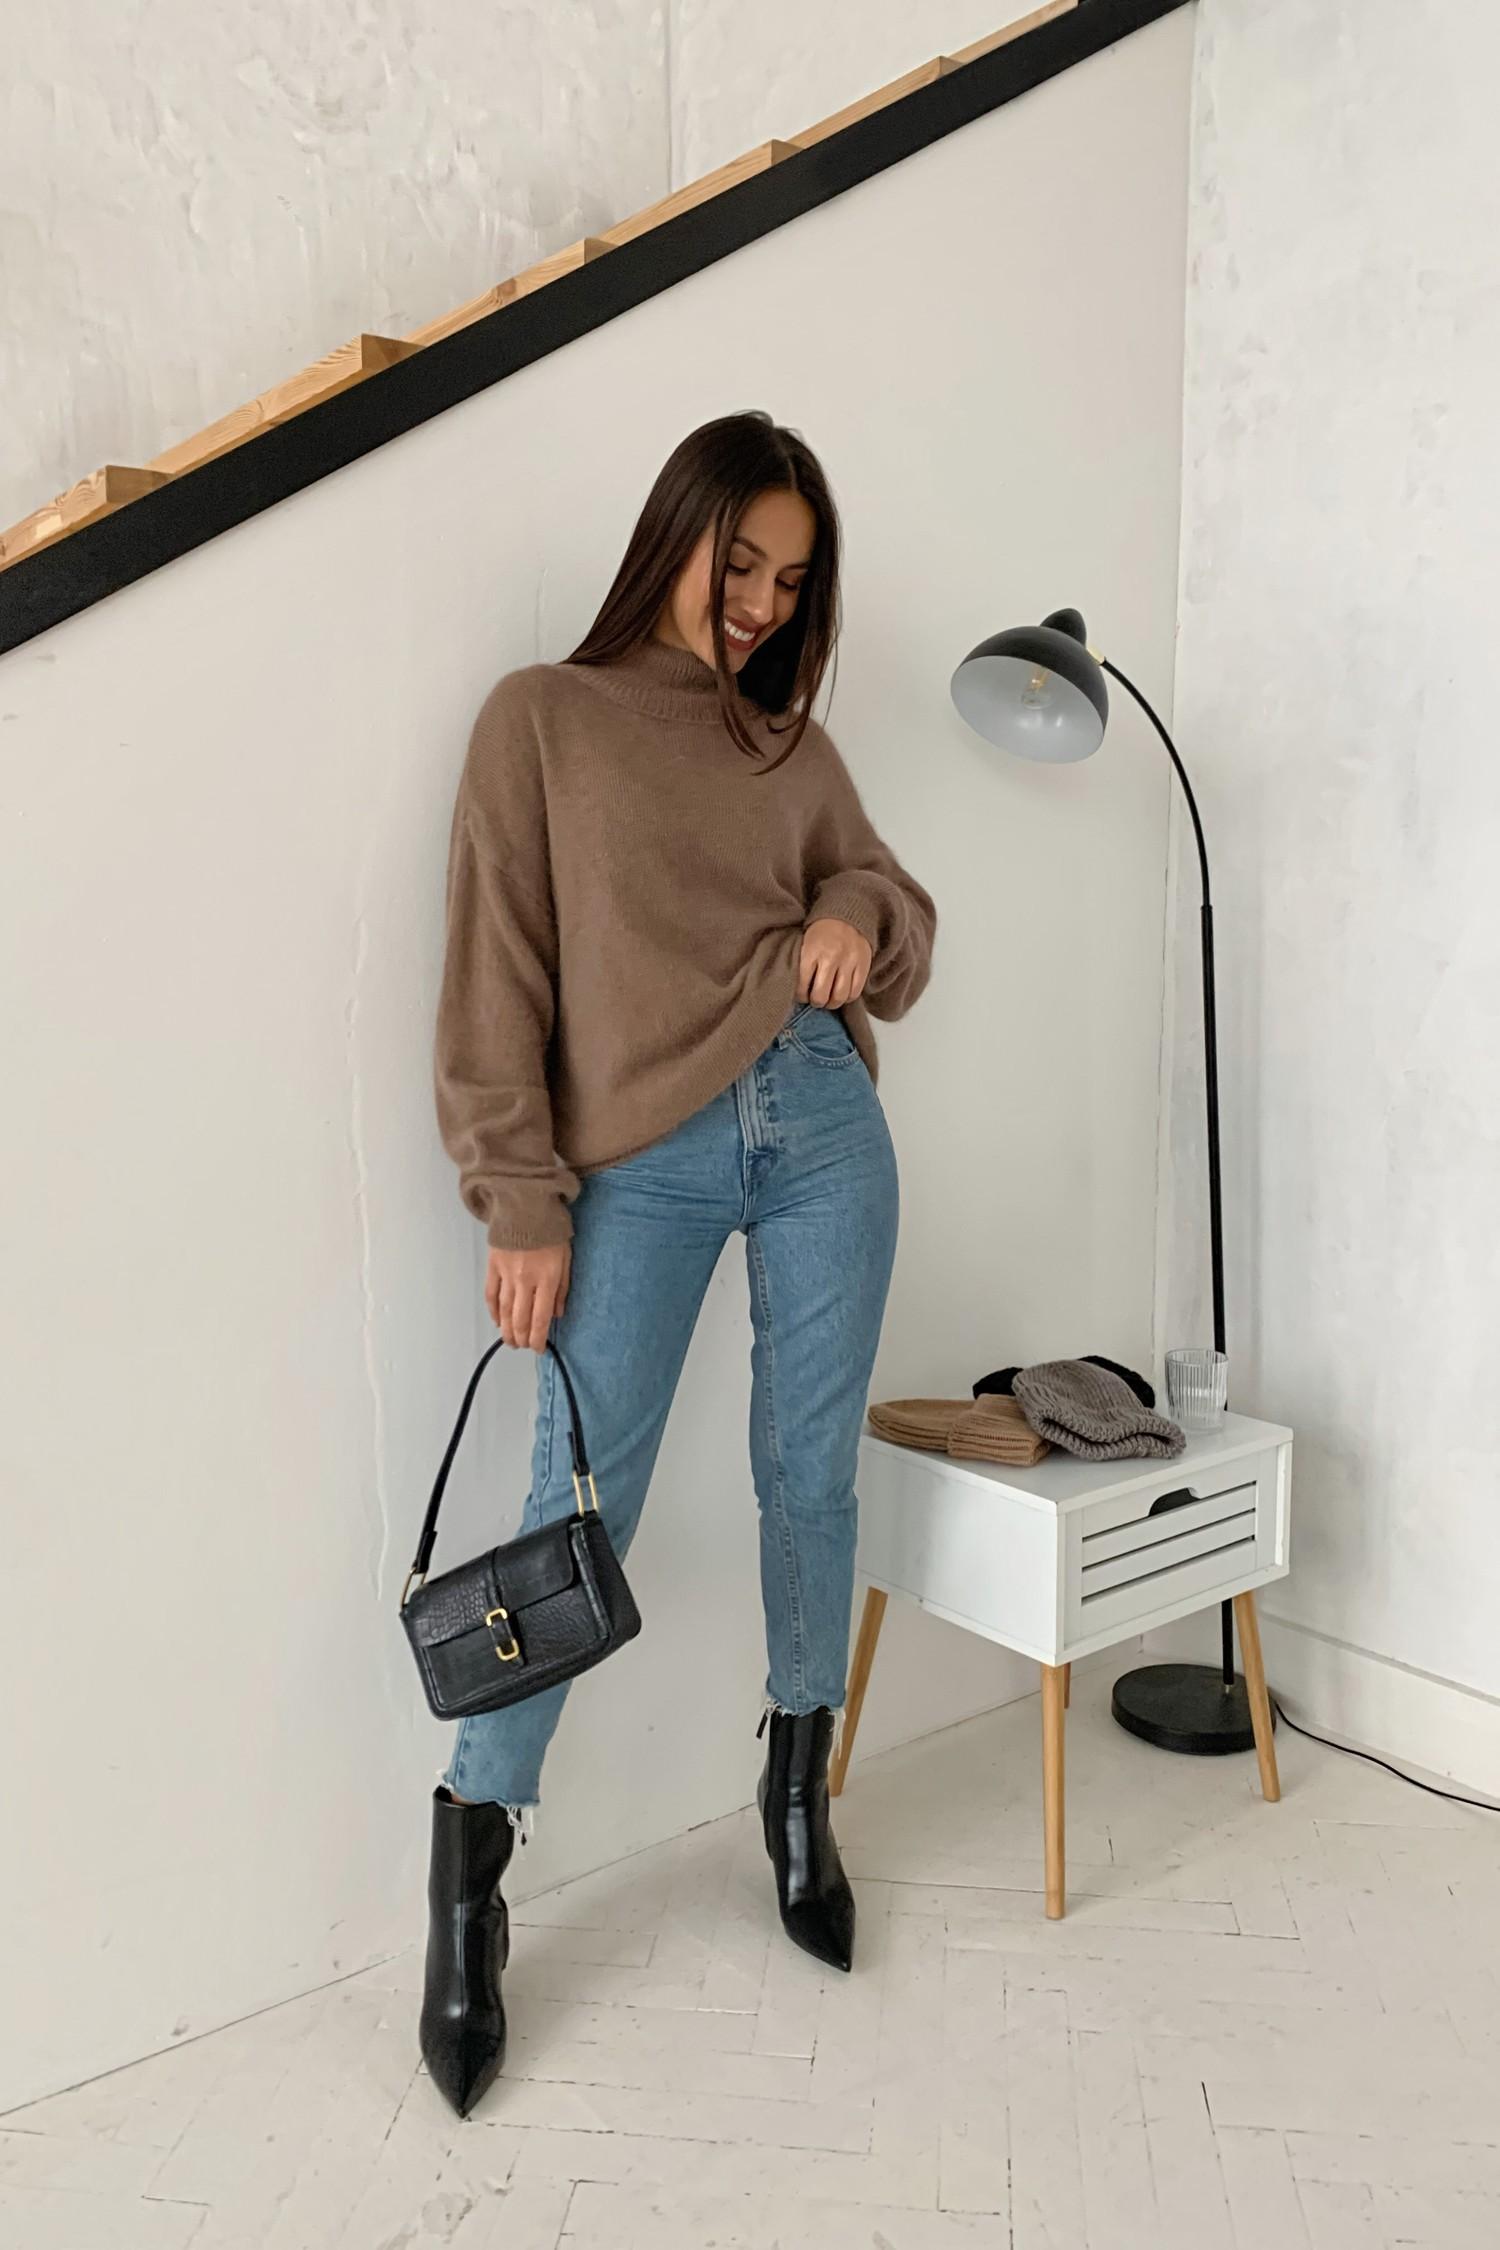 Объемный свитер из ангоры капучино - THE LACE